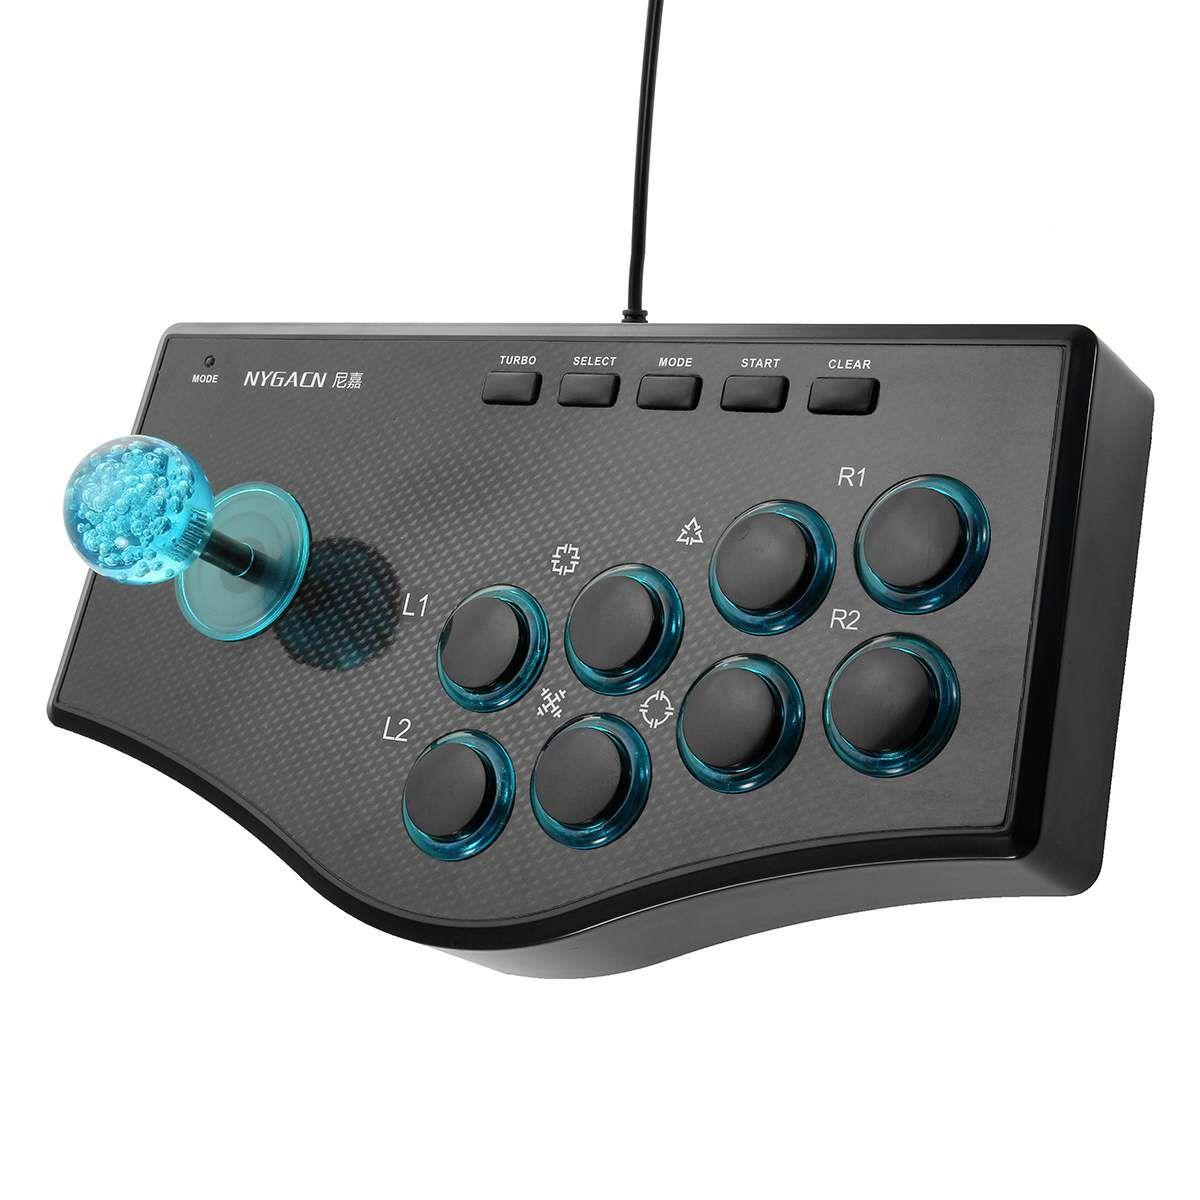 USB Rocker Game Controller Arcade Joystick Gamepad Fighting Stick für PS3 / PC für Android Plug-and-Play-Straße Kämpfen Gefühl